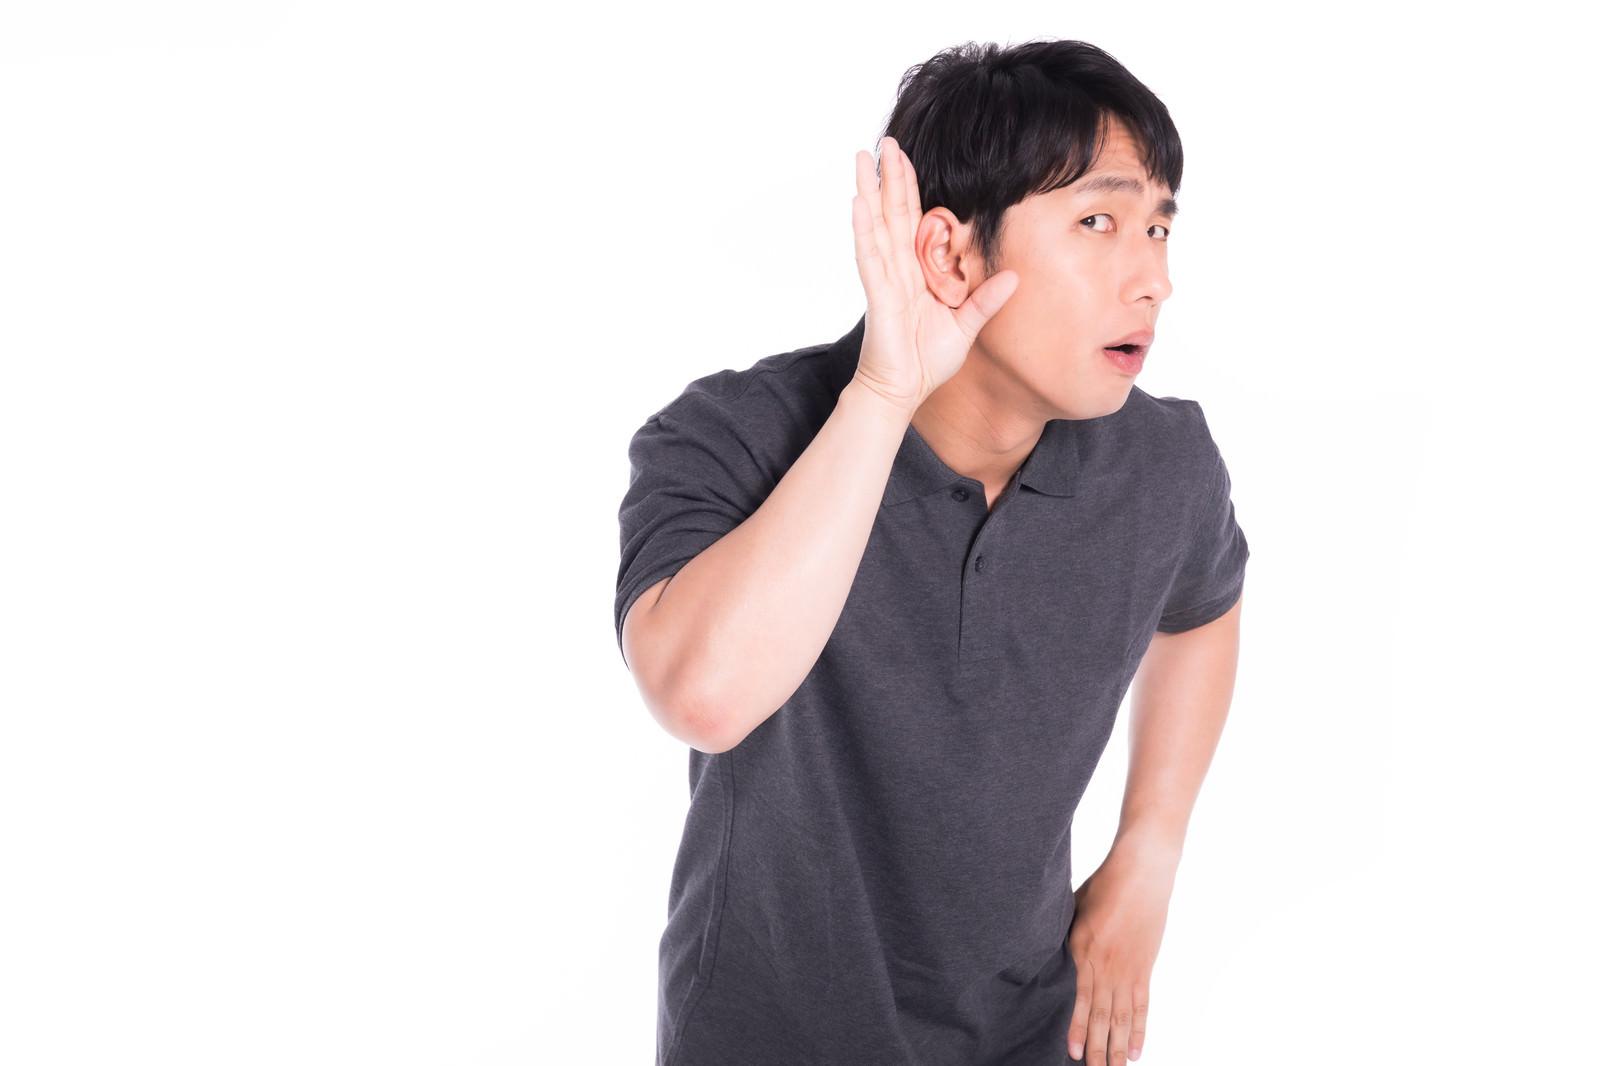 「挑発的な態度を取るクレーマー」の写真[モデル:大川竜弥]